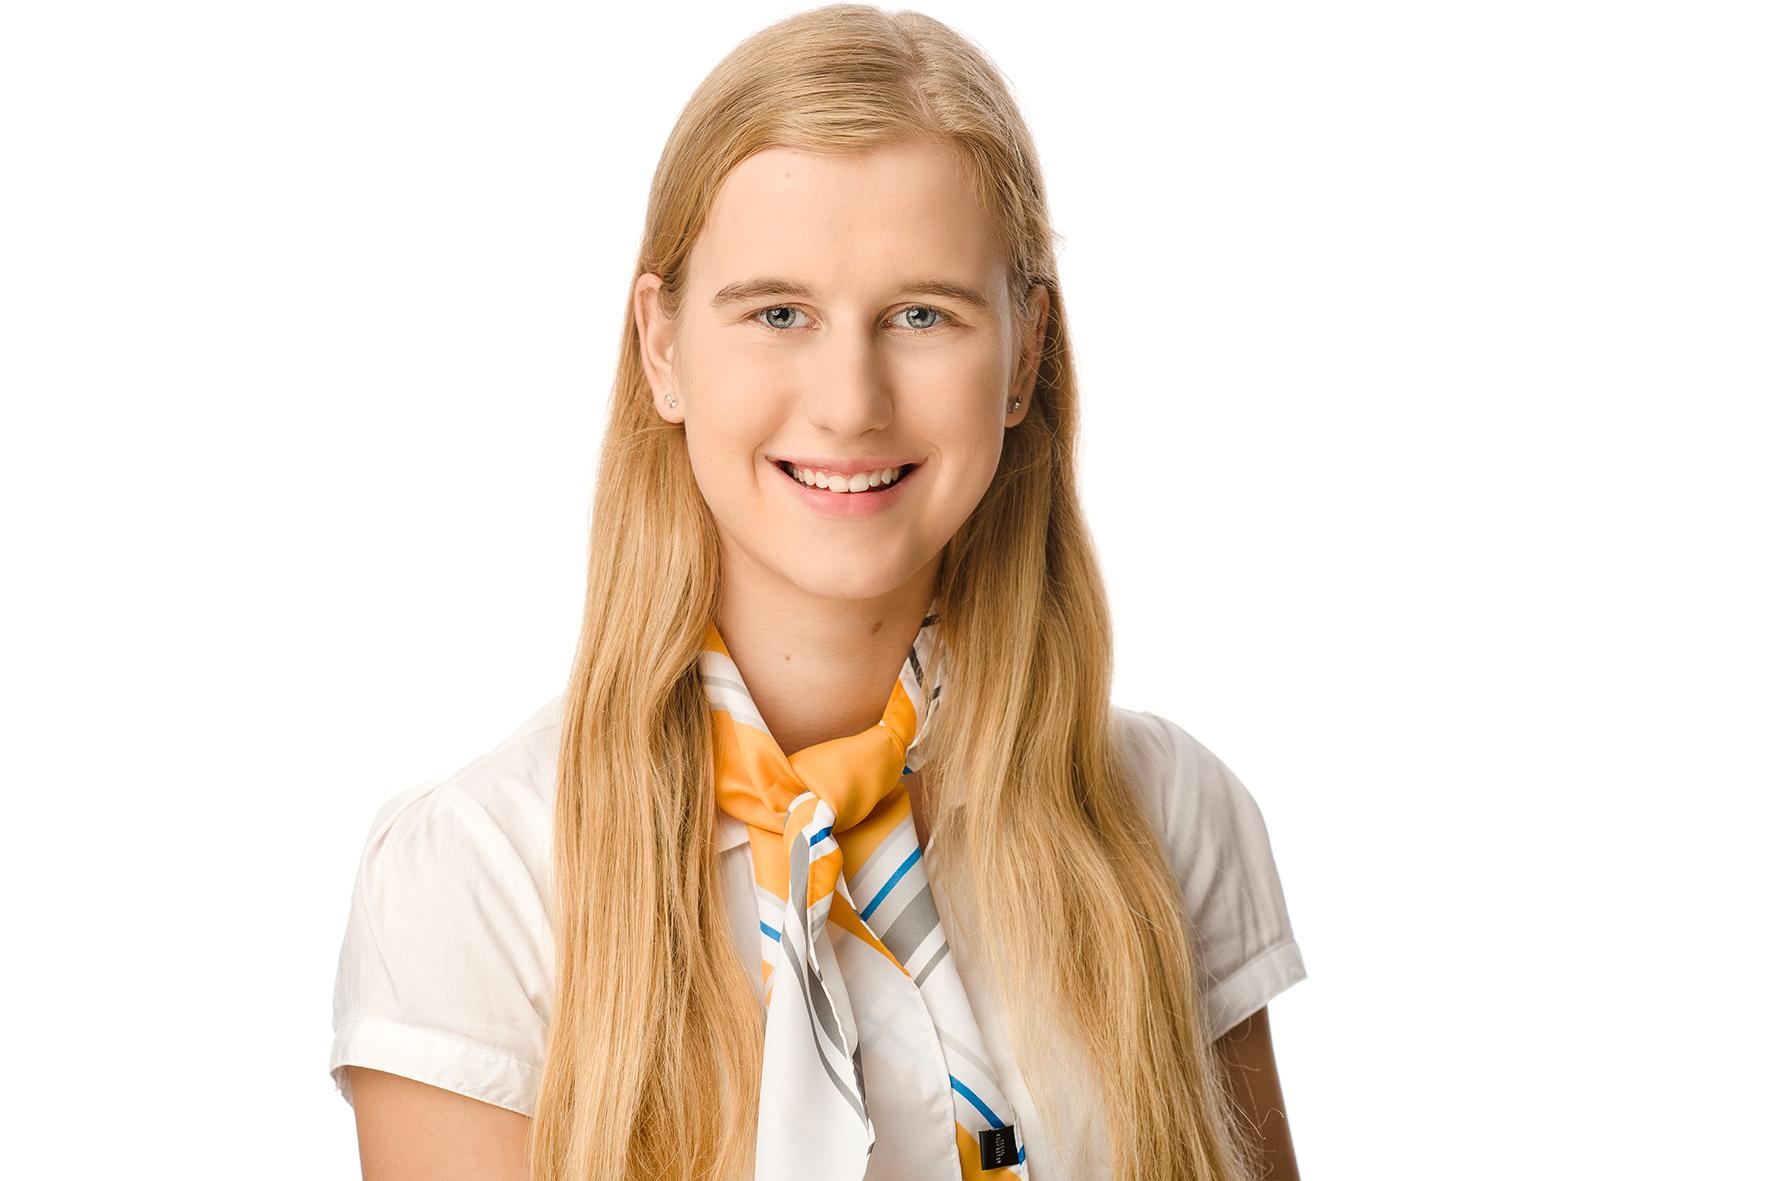 Lena Brinkmann